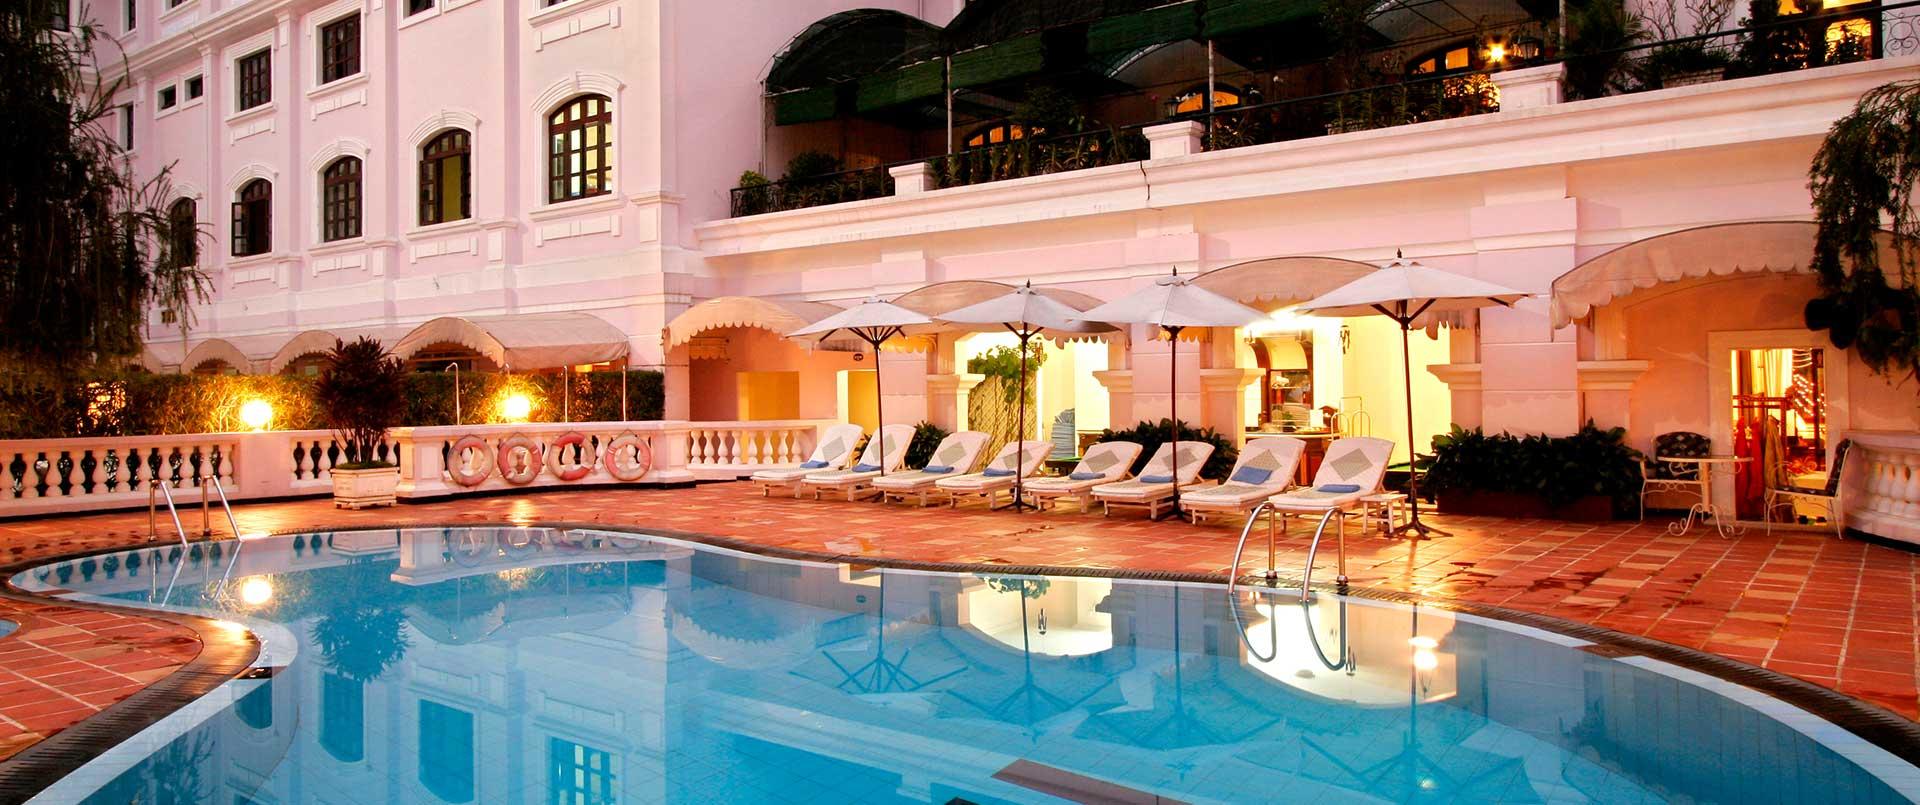 Hotel Saigon Morin, Hue City